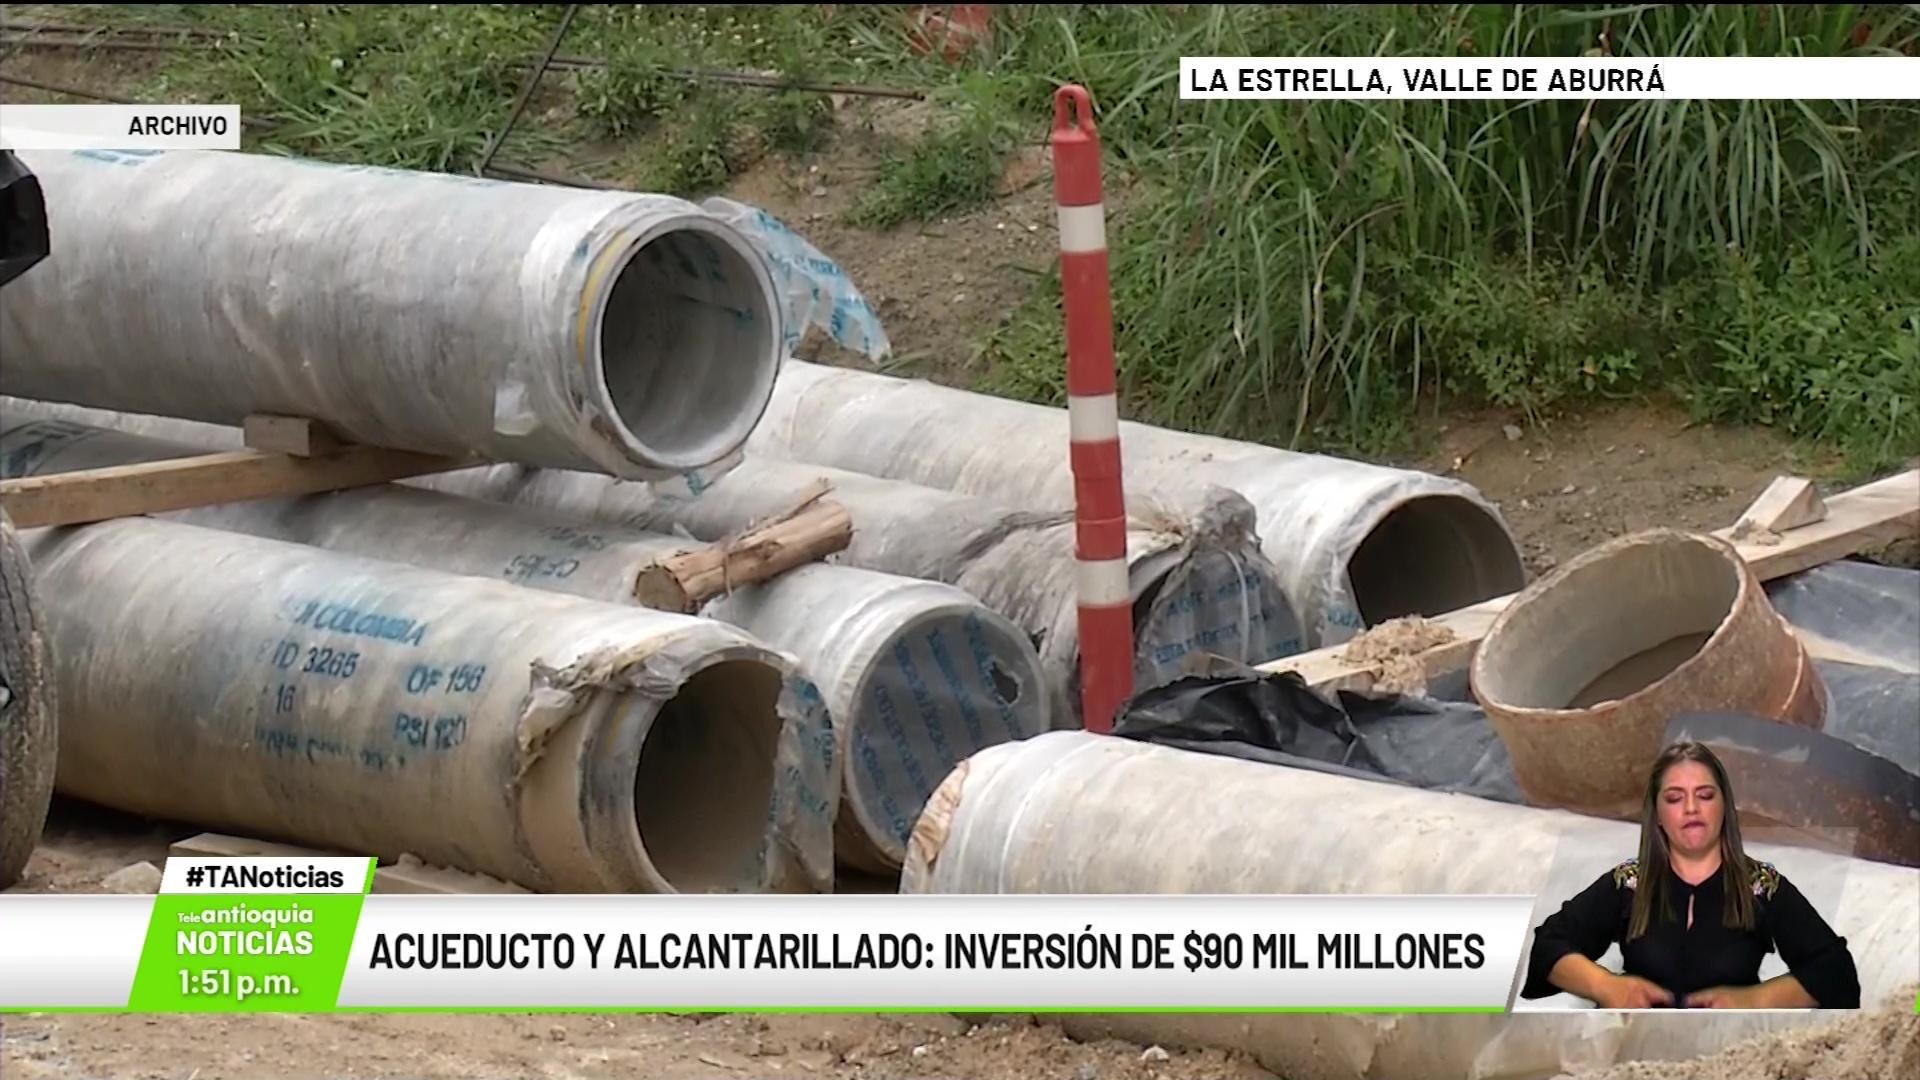 Acueducto y alcantarillado: inversión de $90 mil millones de pesos